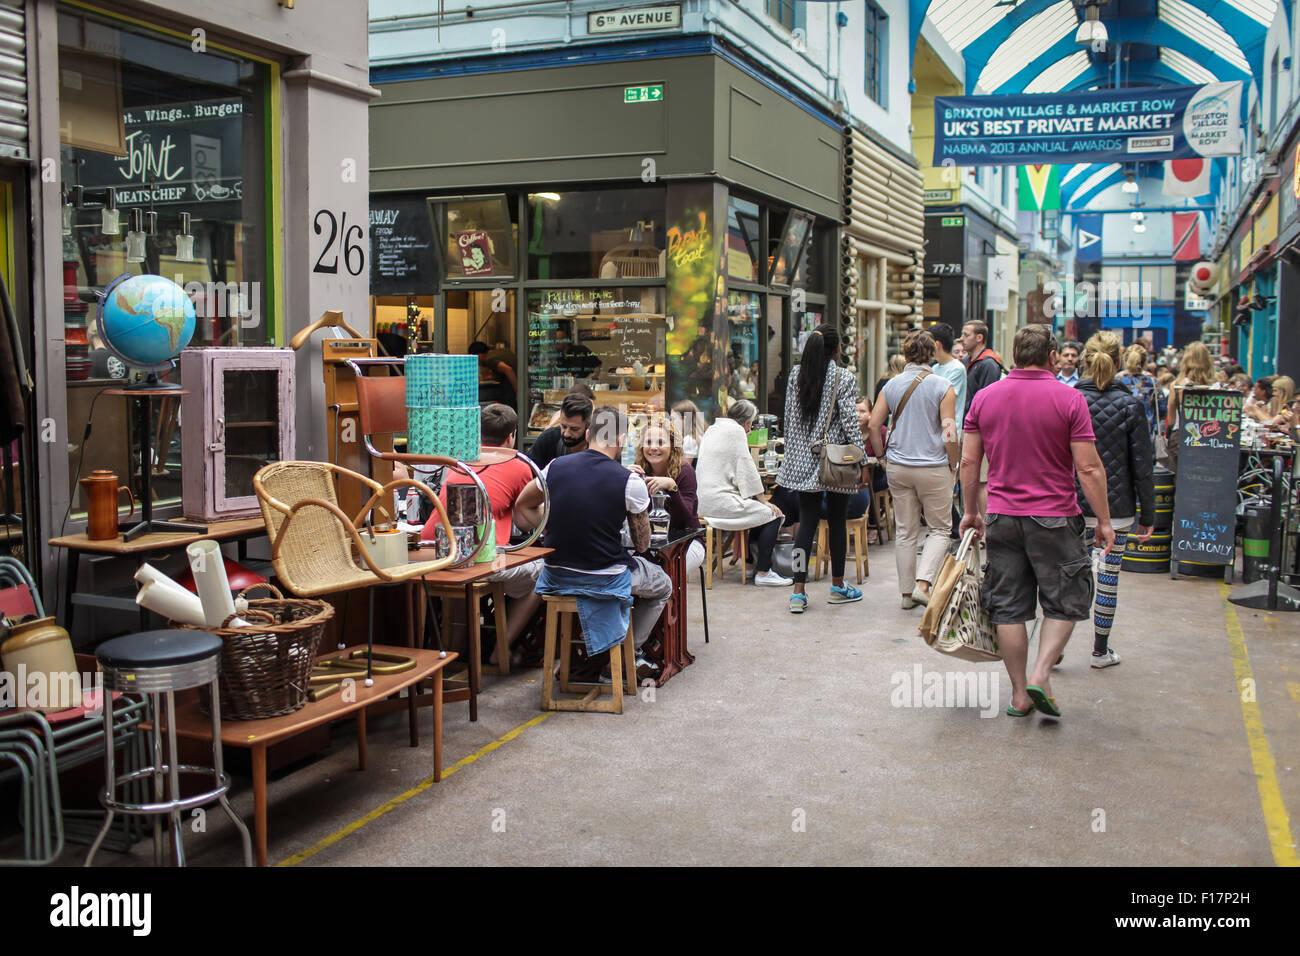 Dorfmarkt Brixton, London, UK. Menschen genießen Essen und trinken in Brixton Village, Brixtons berühmte Stockbild